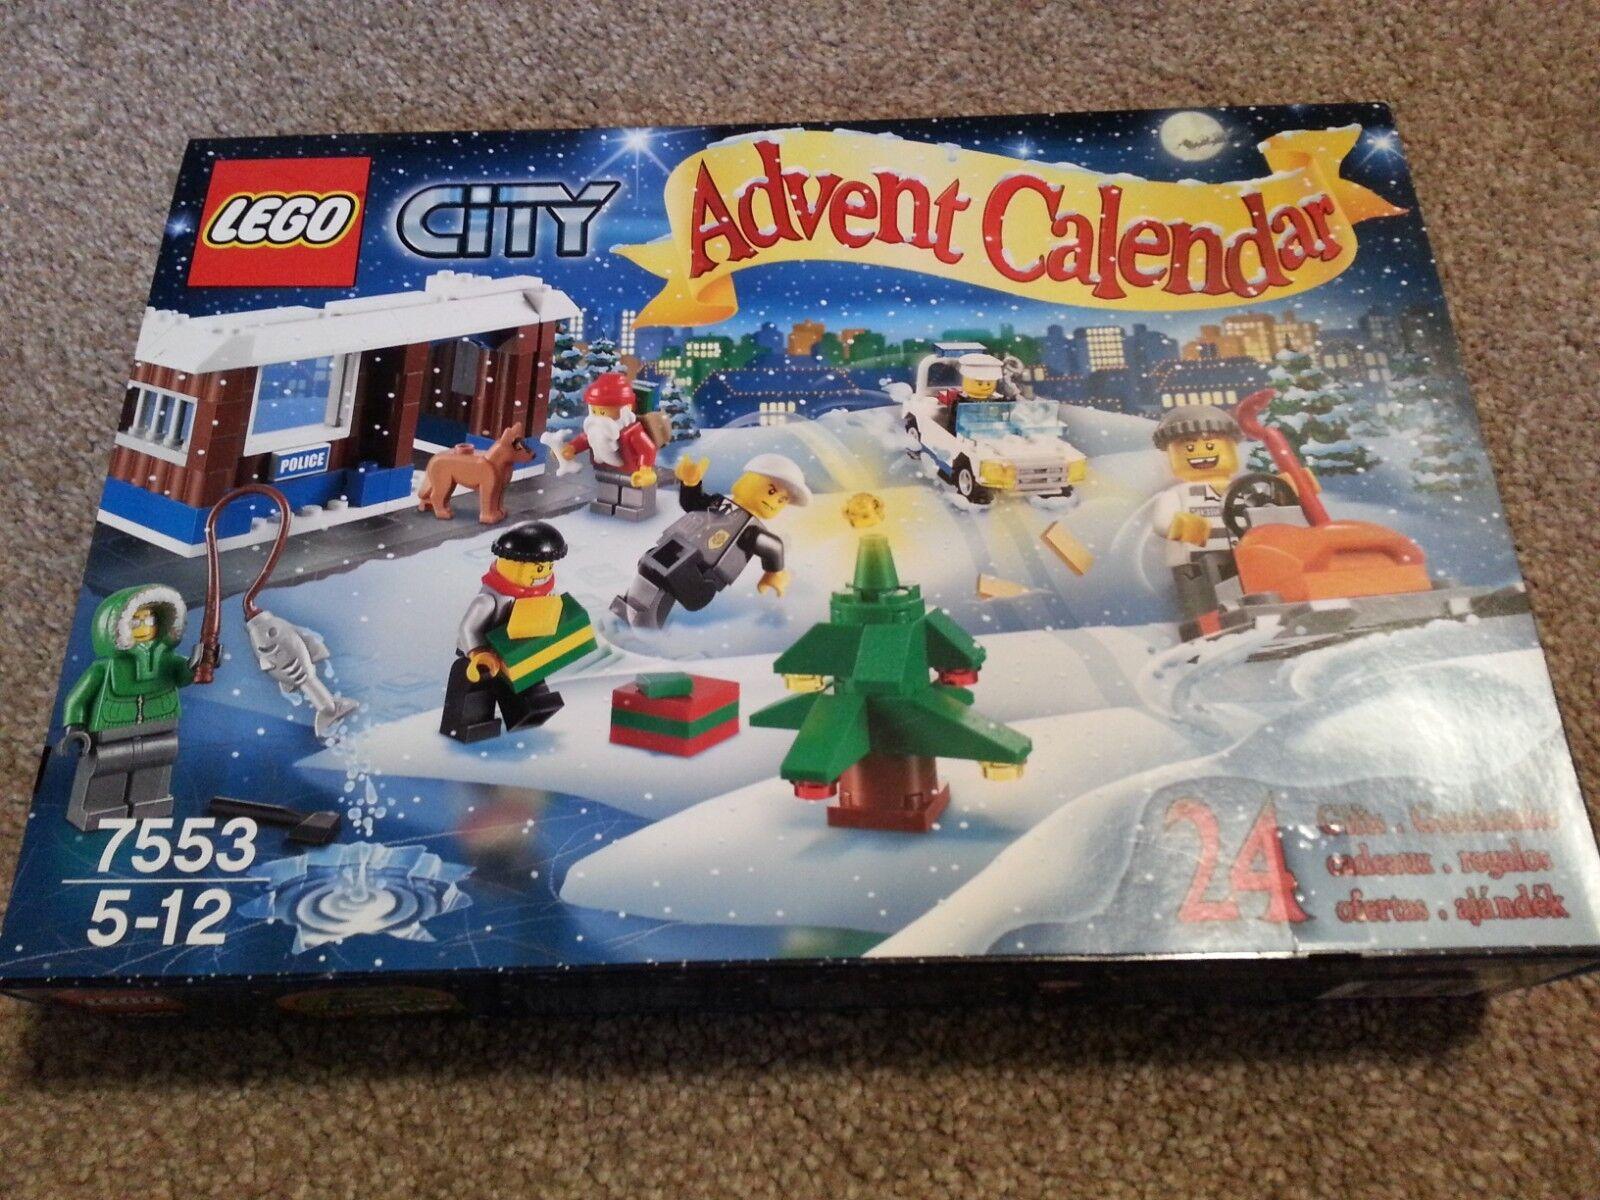 Lego City Advent Calandar 7553